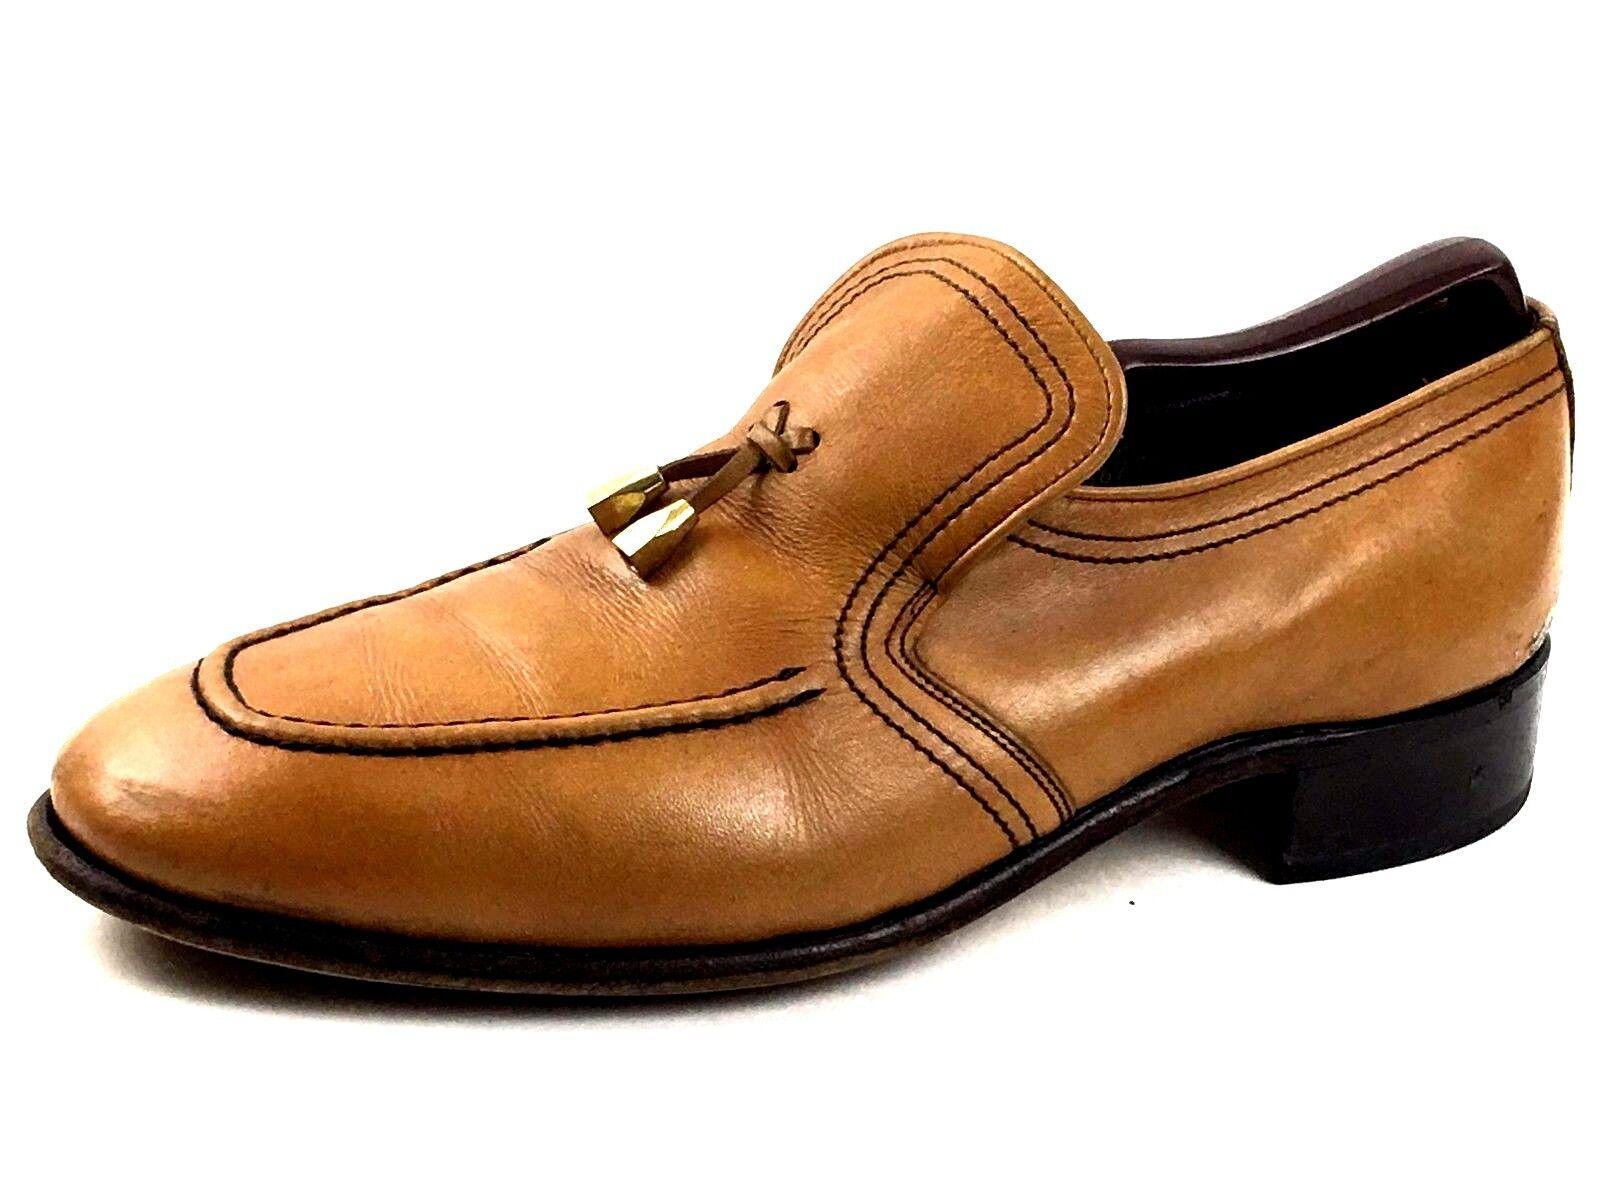 Bostonian Men's Tan Brown Dress shoes Size US.10 UK.9.5  EUR.43